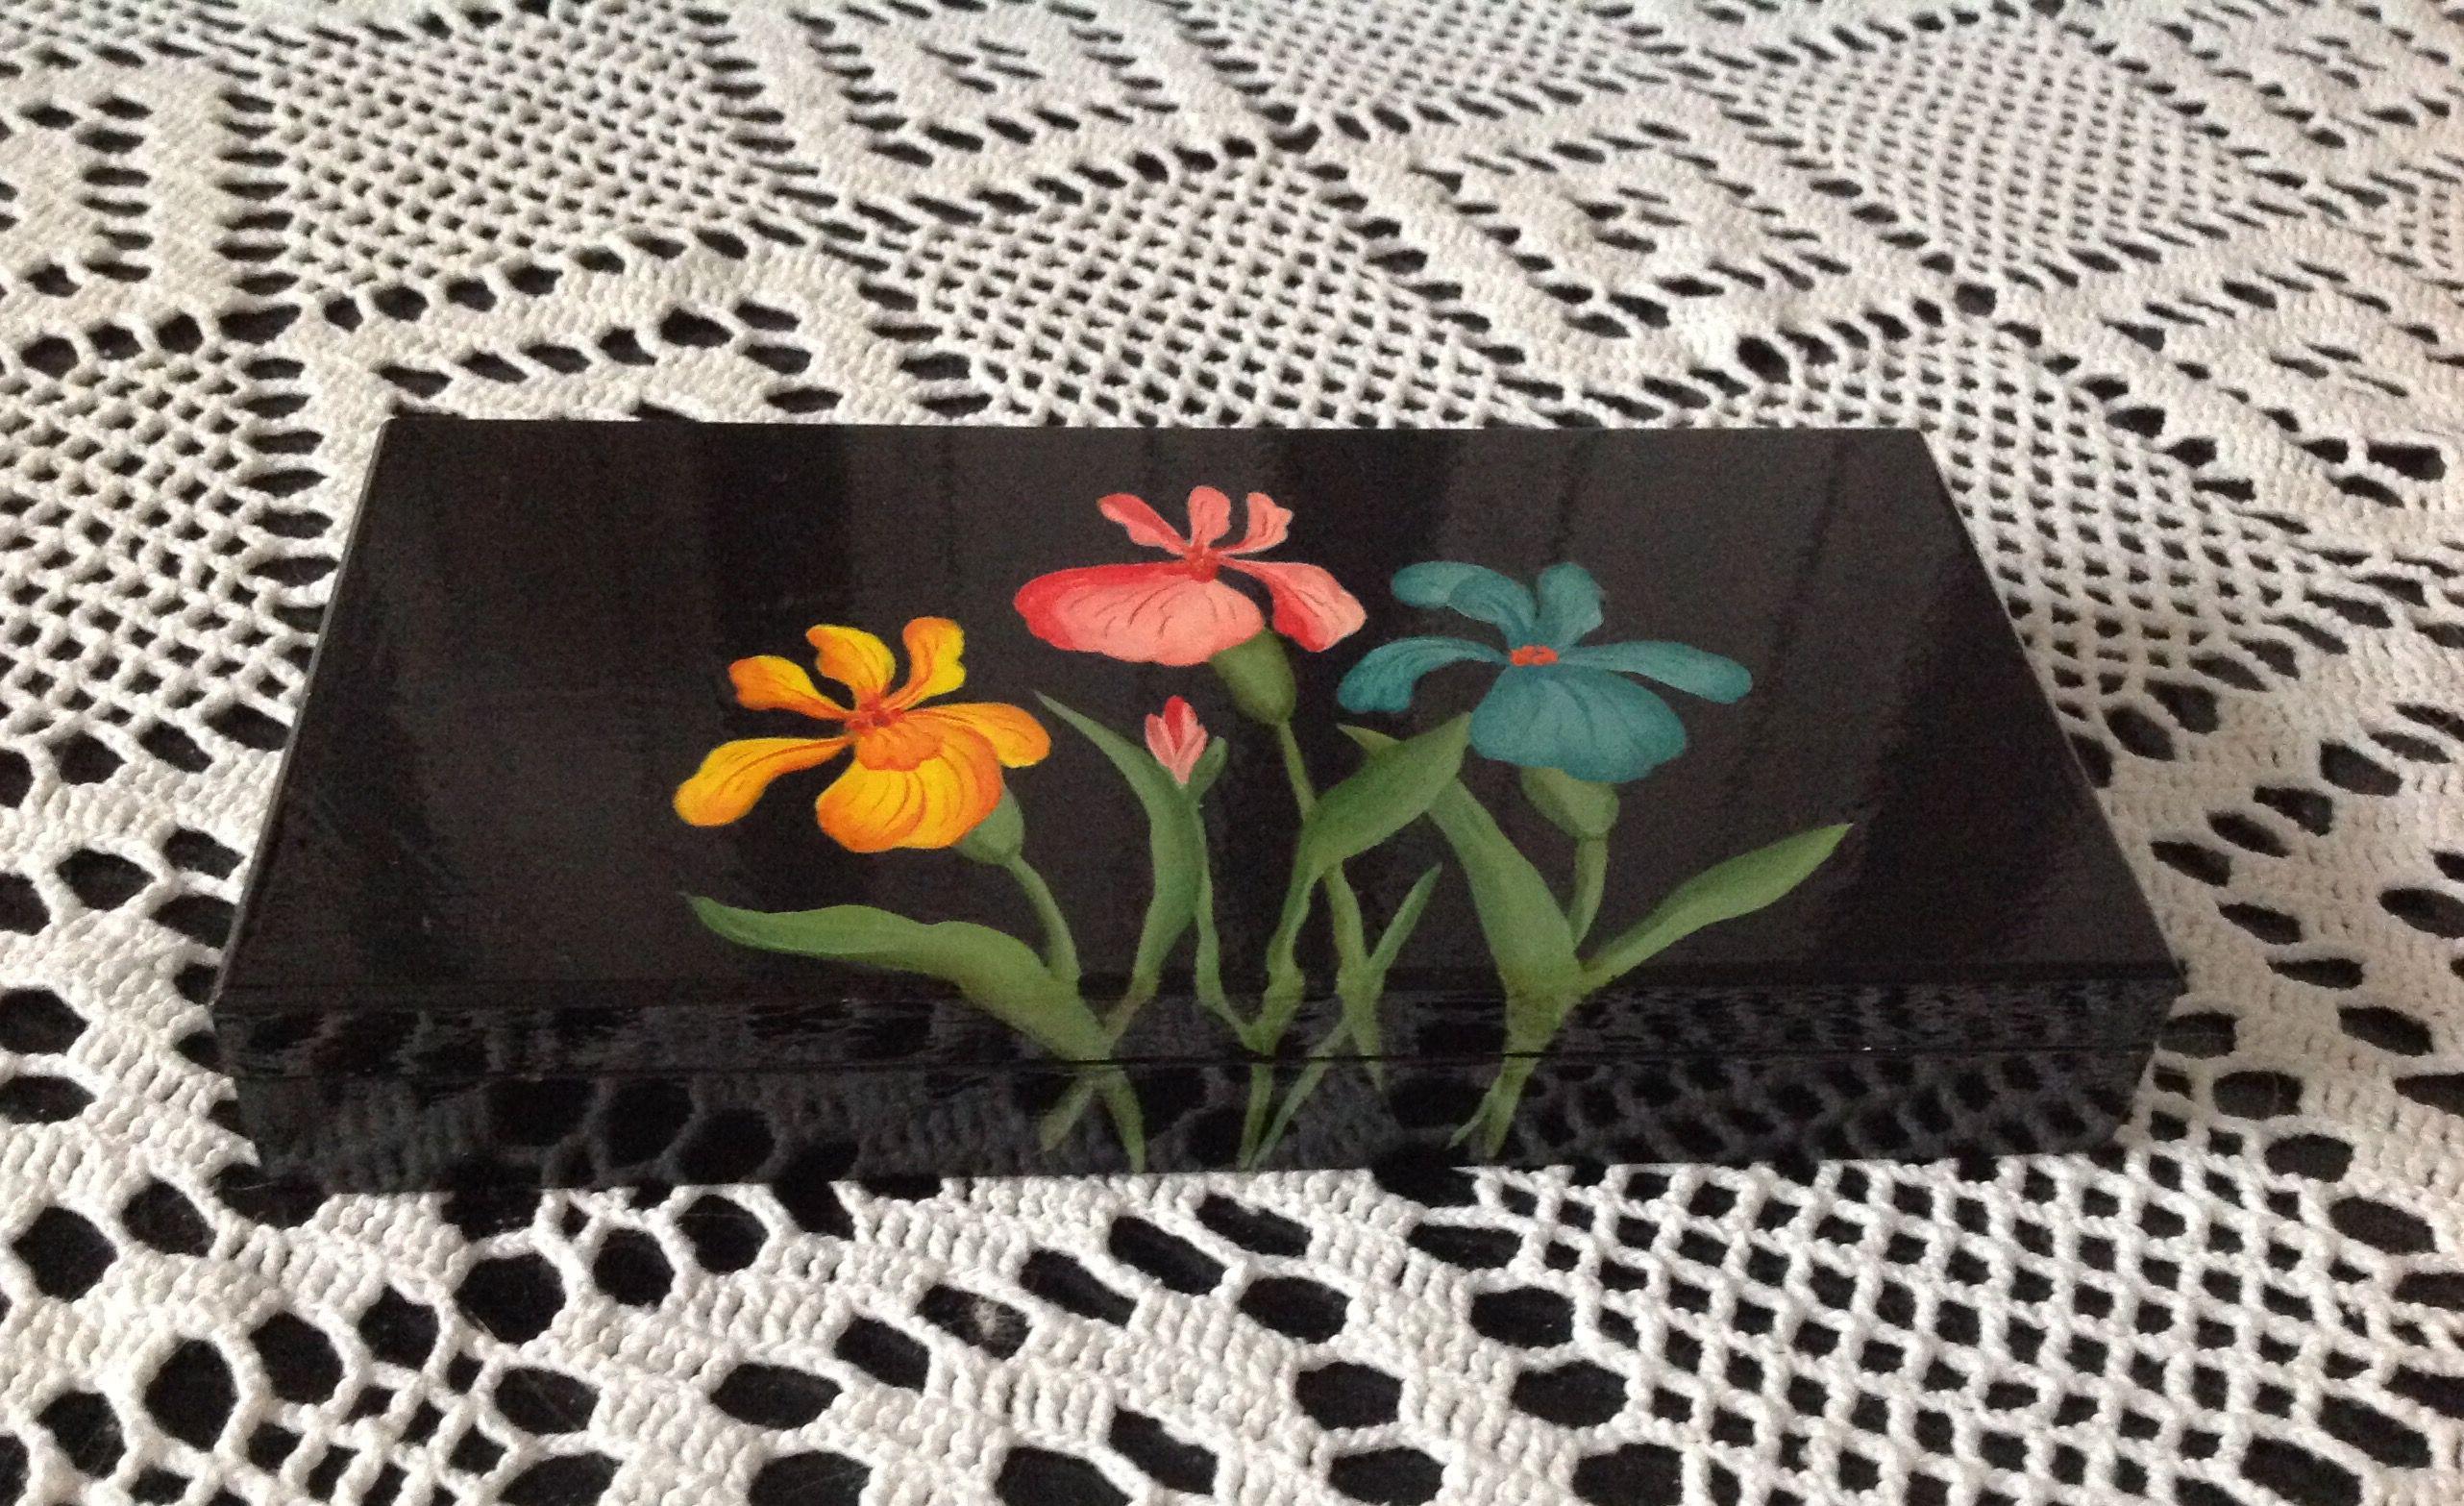 деревянное деньги тагильская чёрная подарки сувенир ручнаяработа роспись купюрница русский цветы изделие